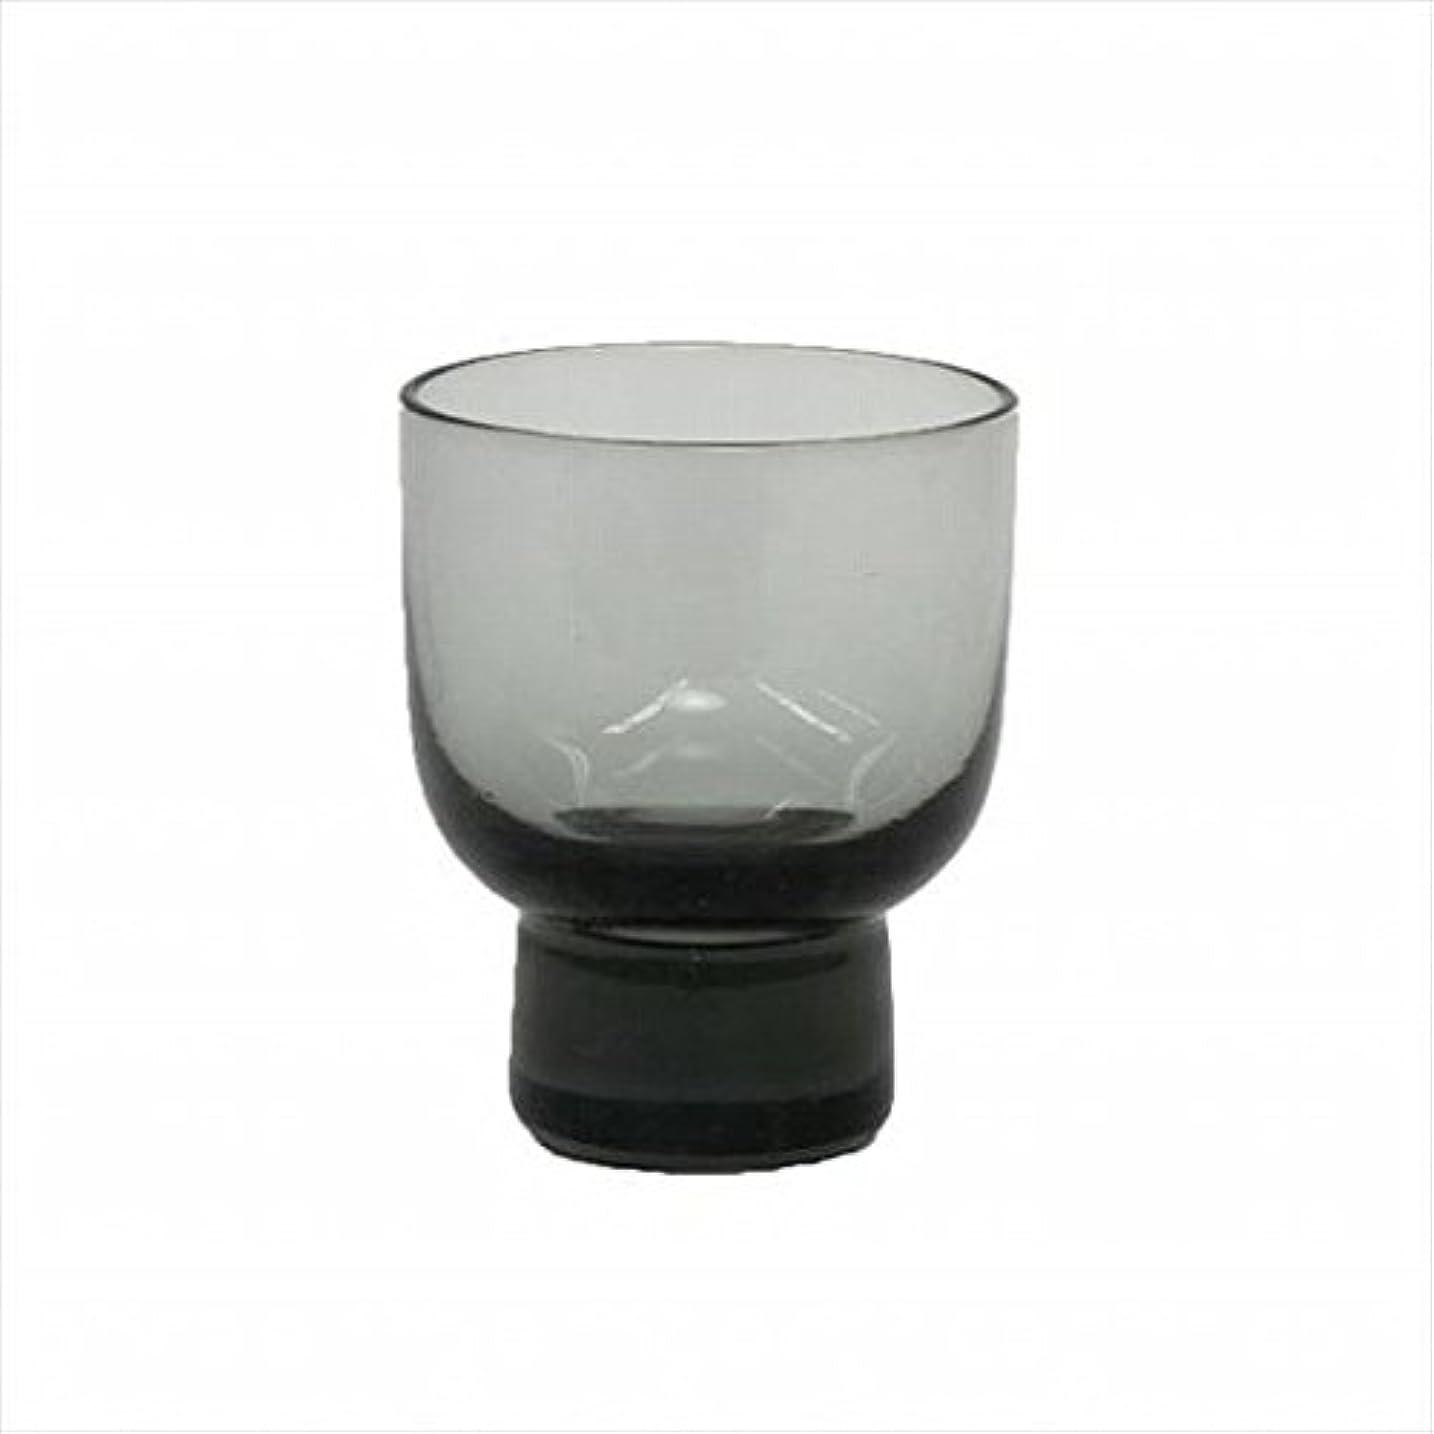 家庭実用的誤解させるkameyama candle(カメヤマキャンドル) ロキカップ 「 スモーク 」 キャンドル 58x58x70mm (I8236100SM)